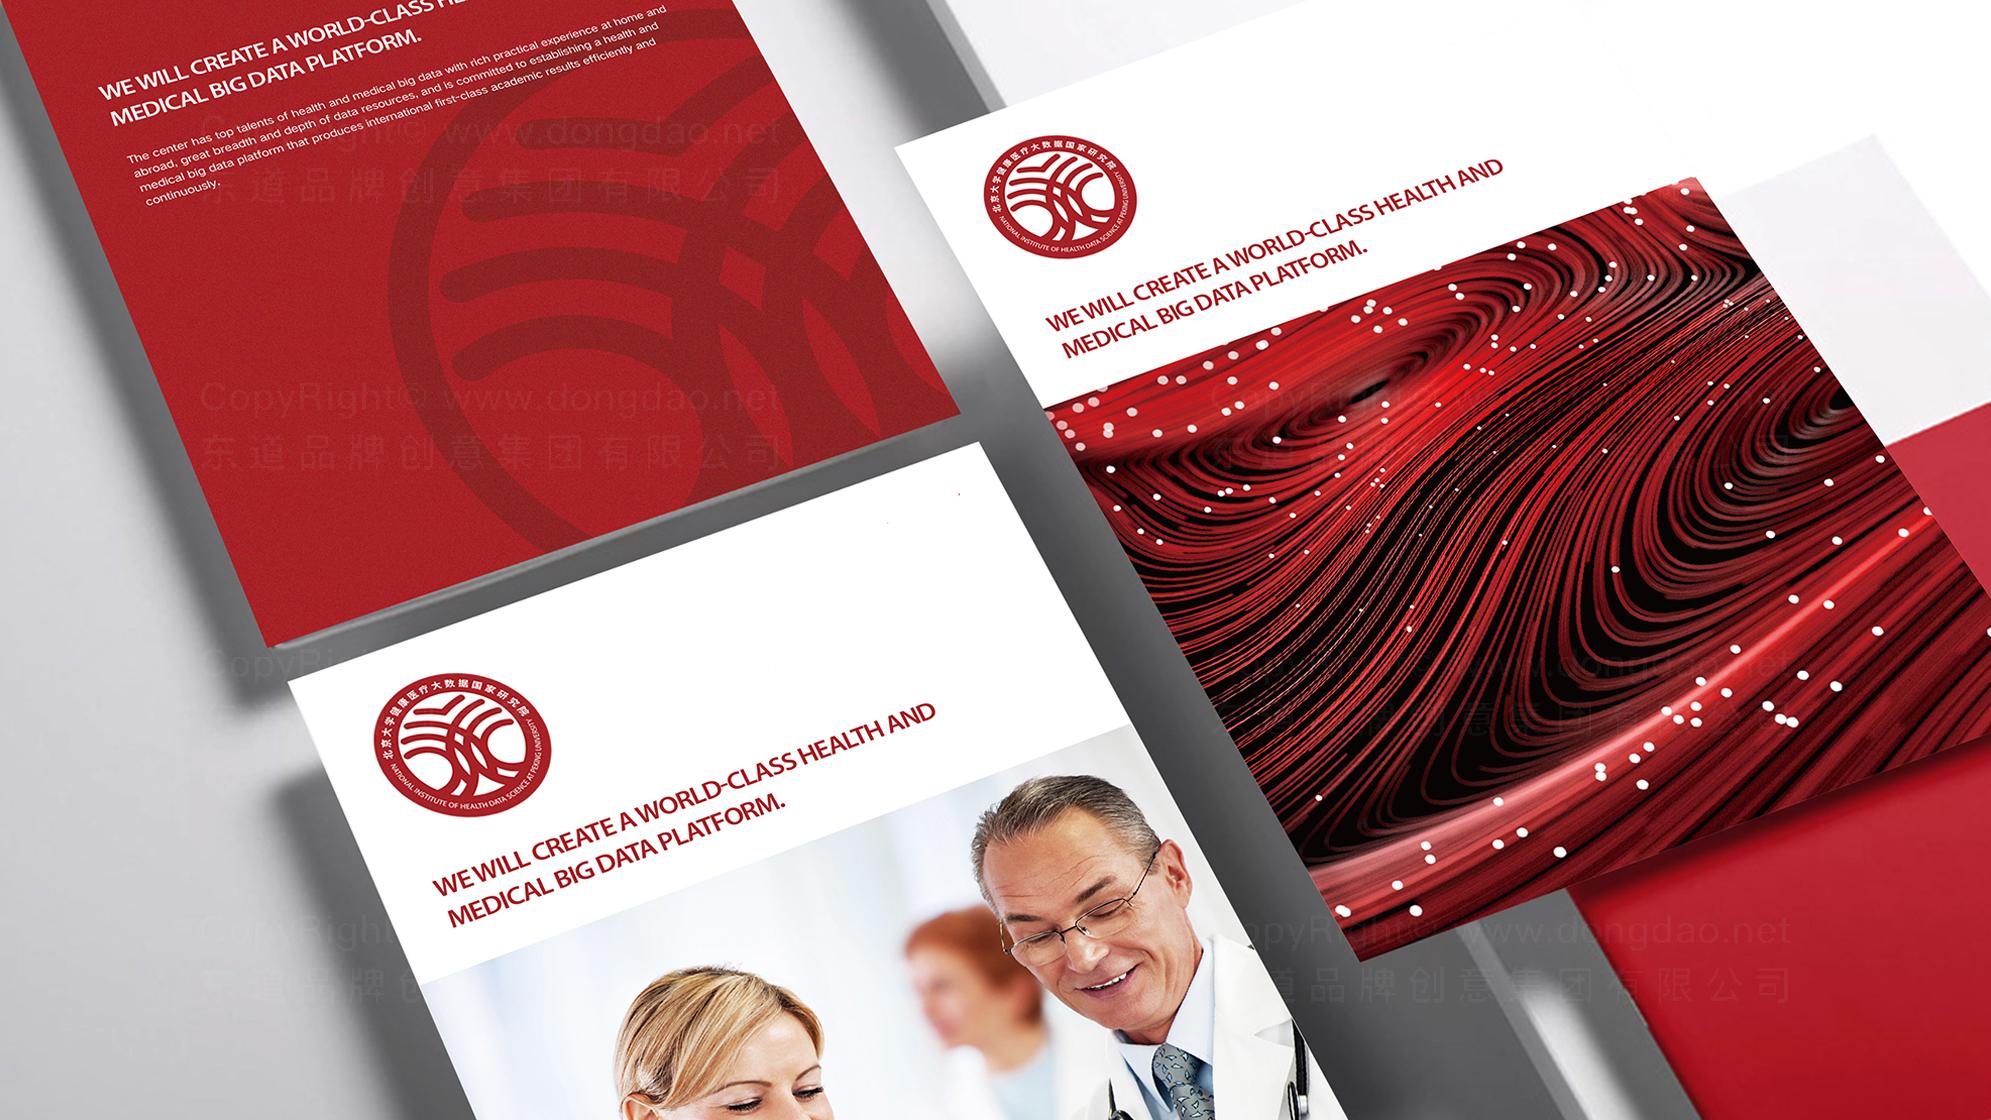 品牌设计北大医疗健康数据研究院LOGO&VI设计应用